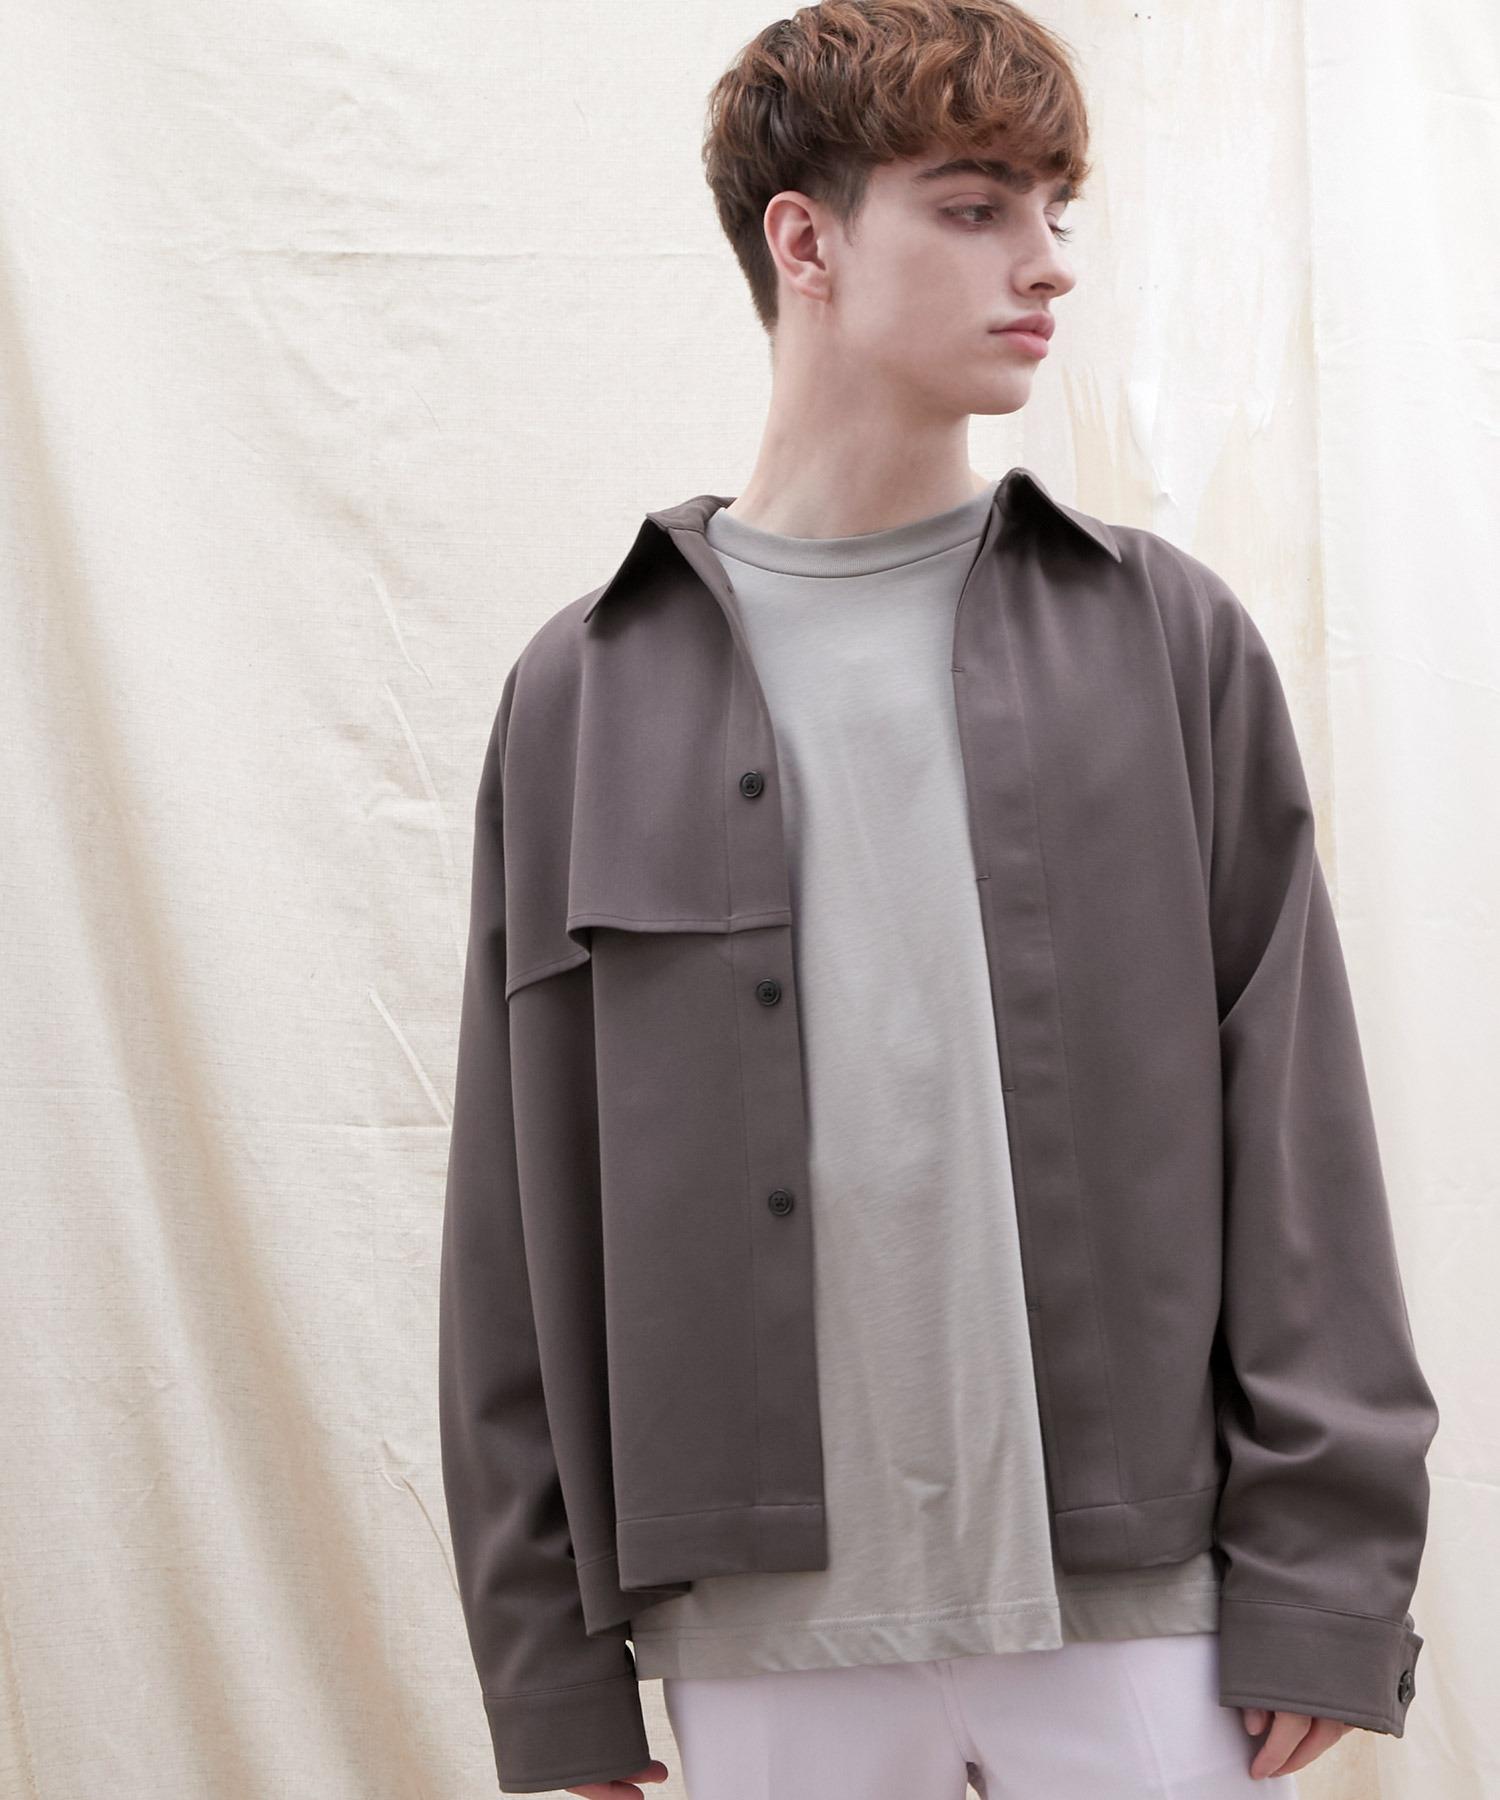 TRストレッチ ビッグシルエット L/S ヨークトレンチシャツ(EMMA CLOTHES)